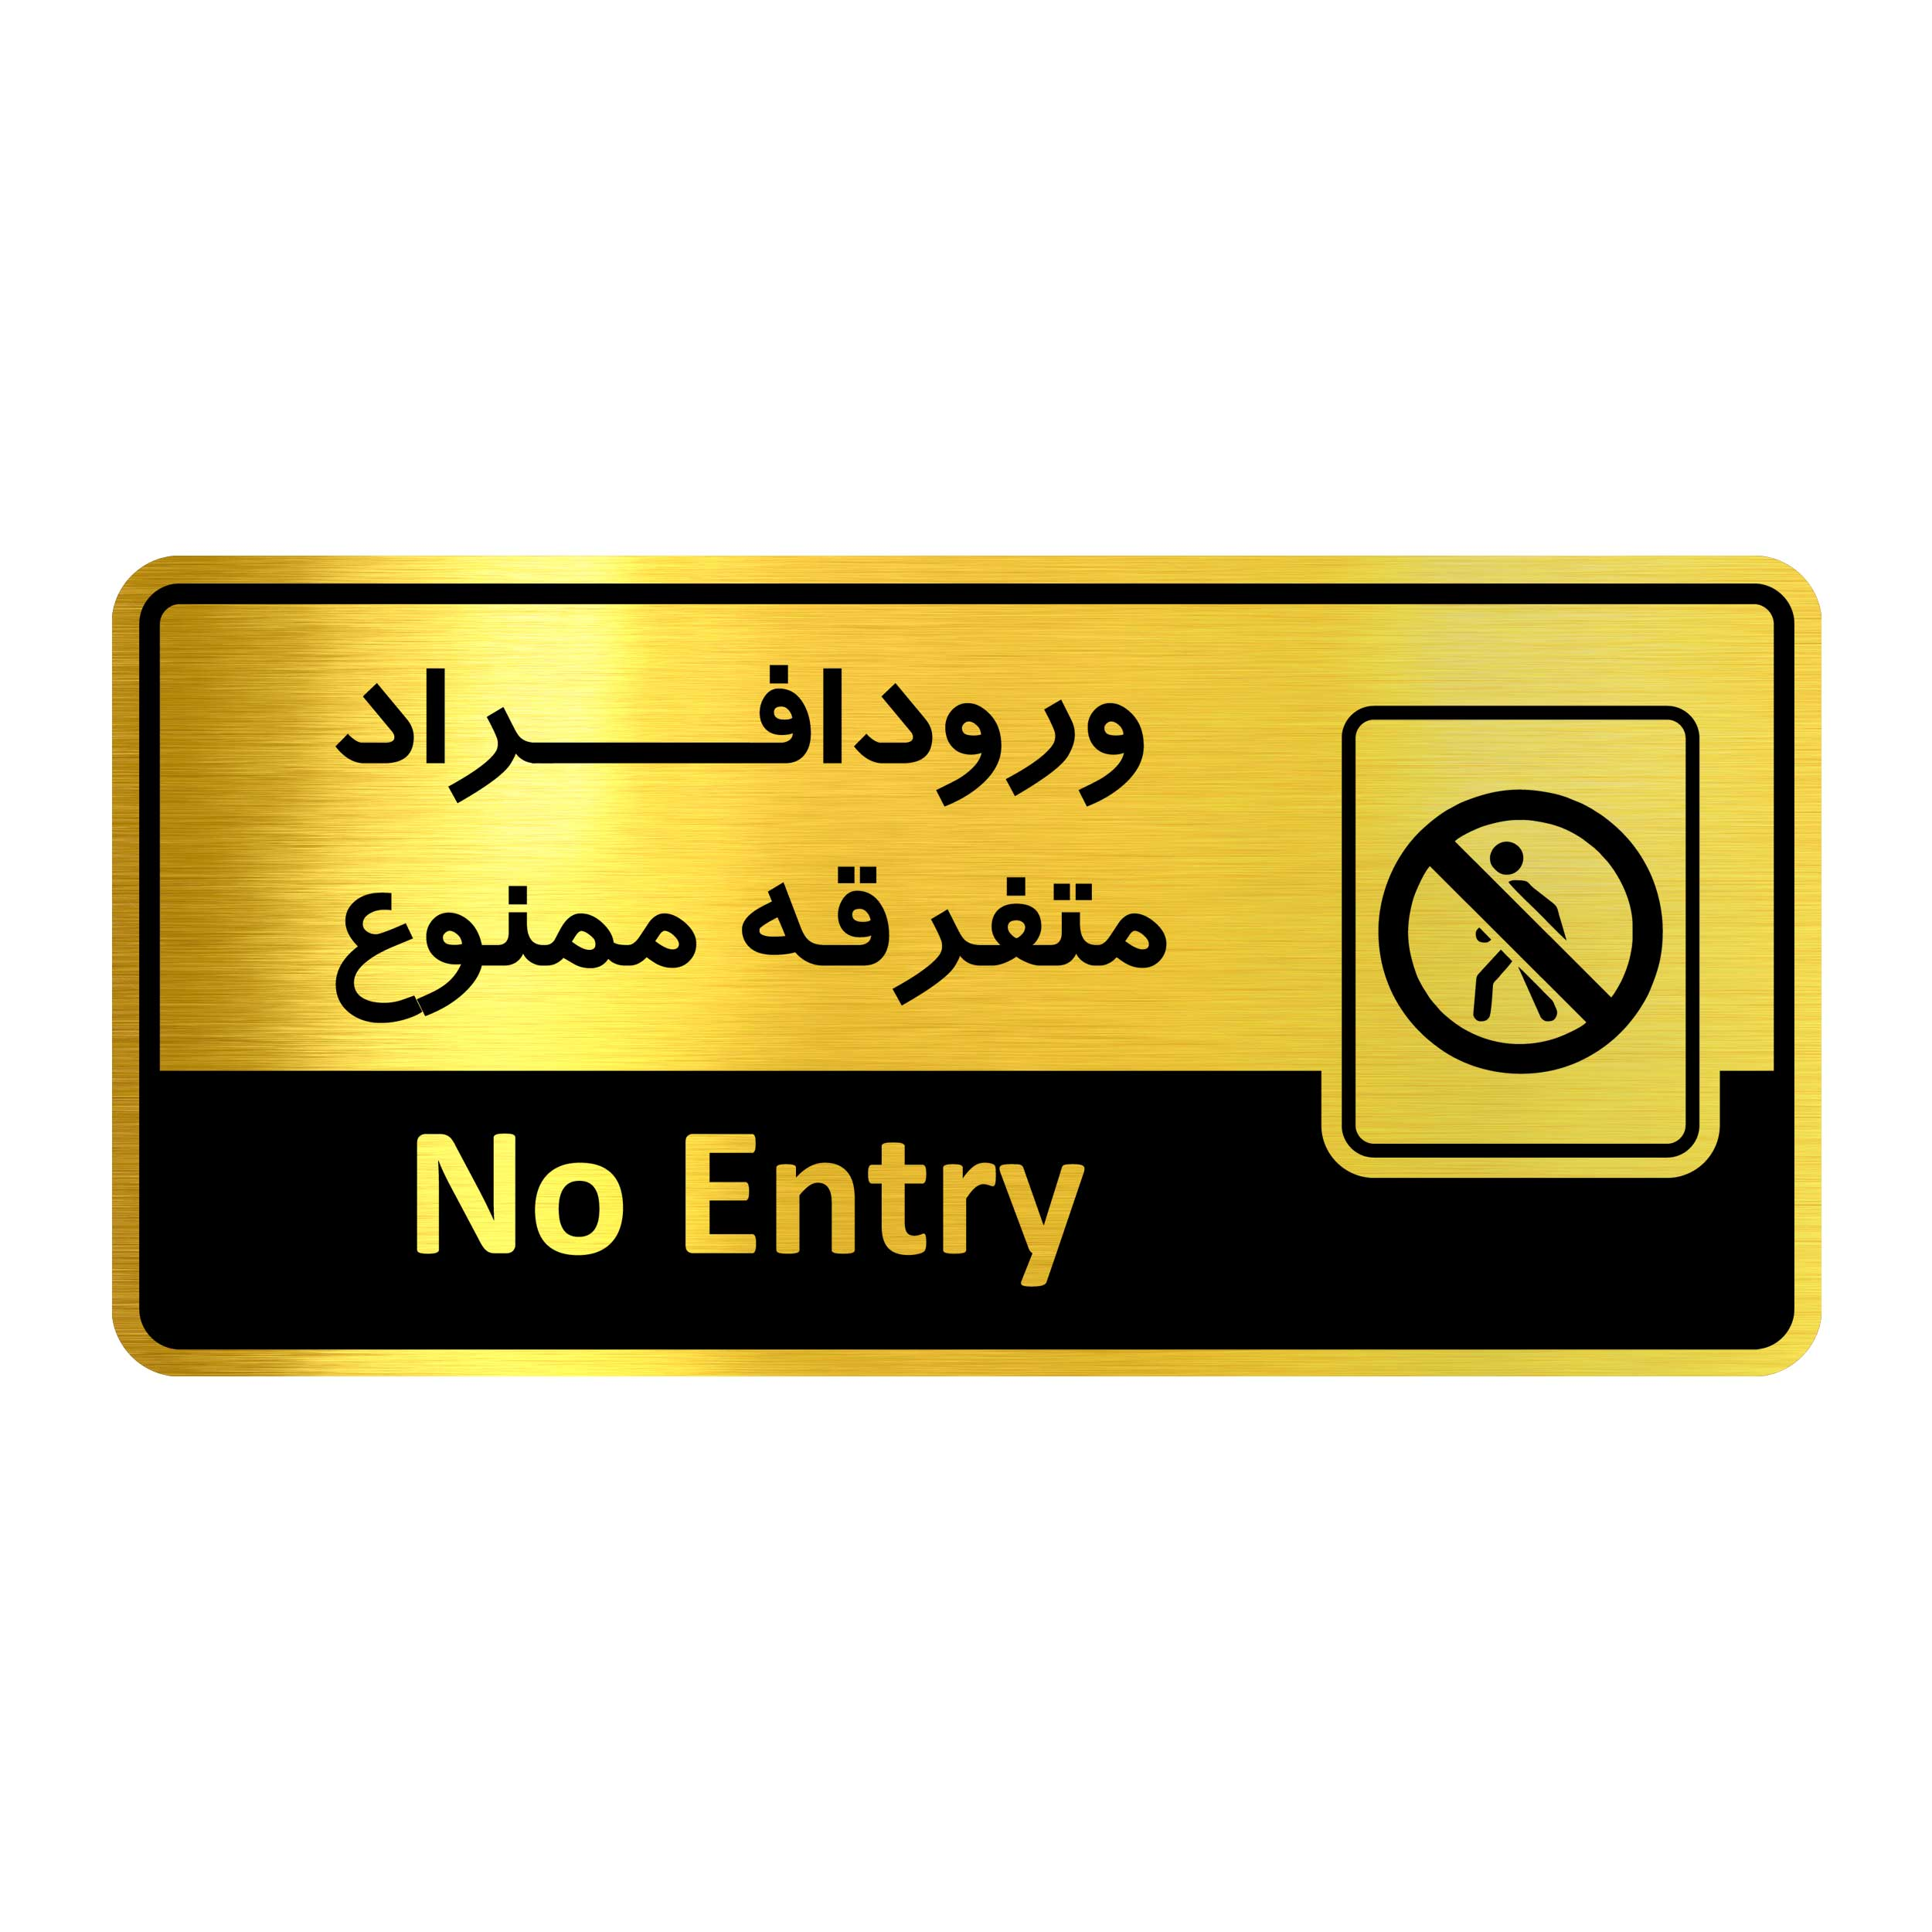 تصویر تابلو راهنما فروشگاه آژنگ طرح ورود افراد متفرقه ممنوع (کد12067217)